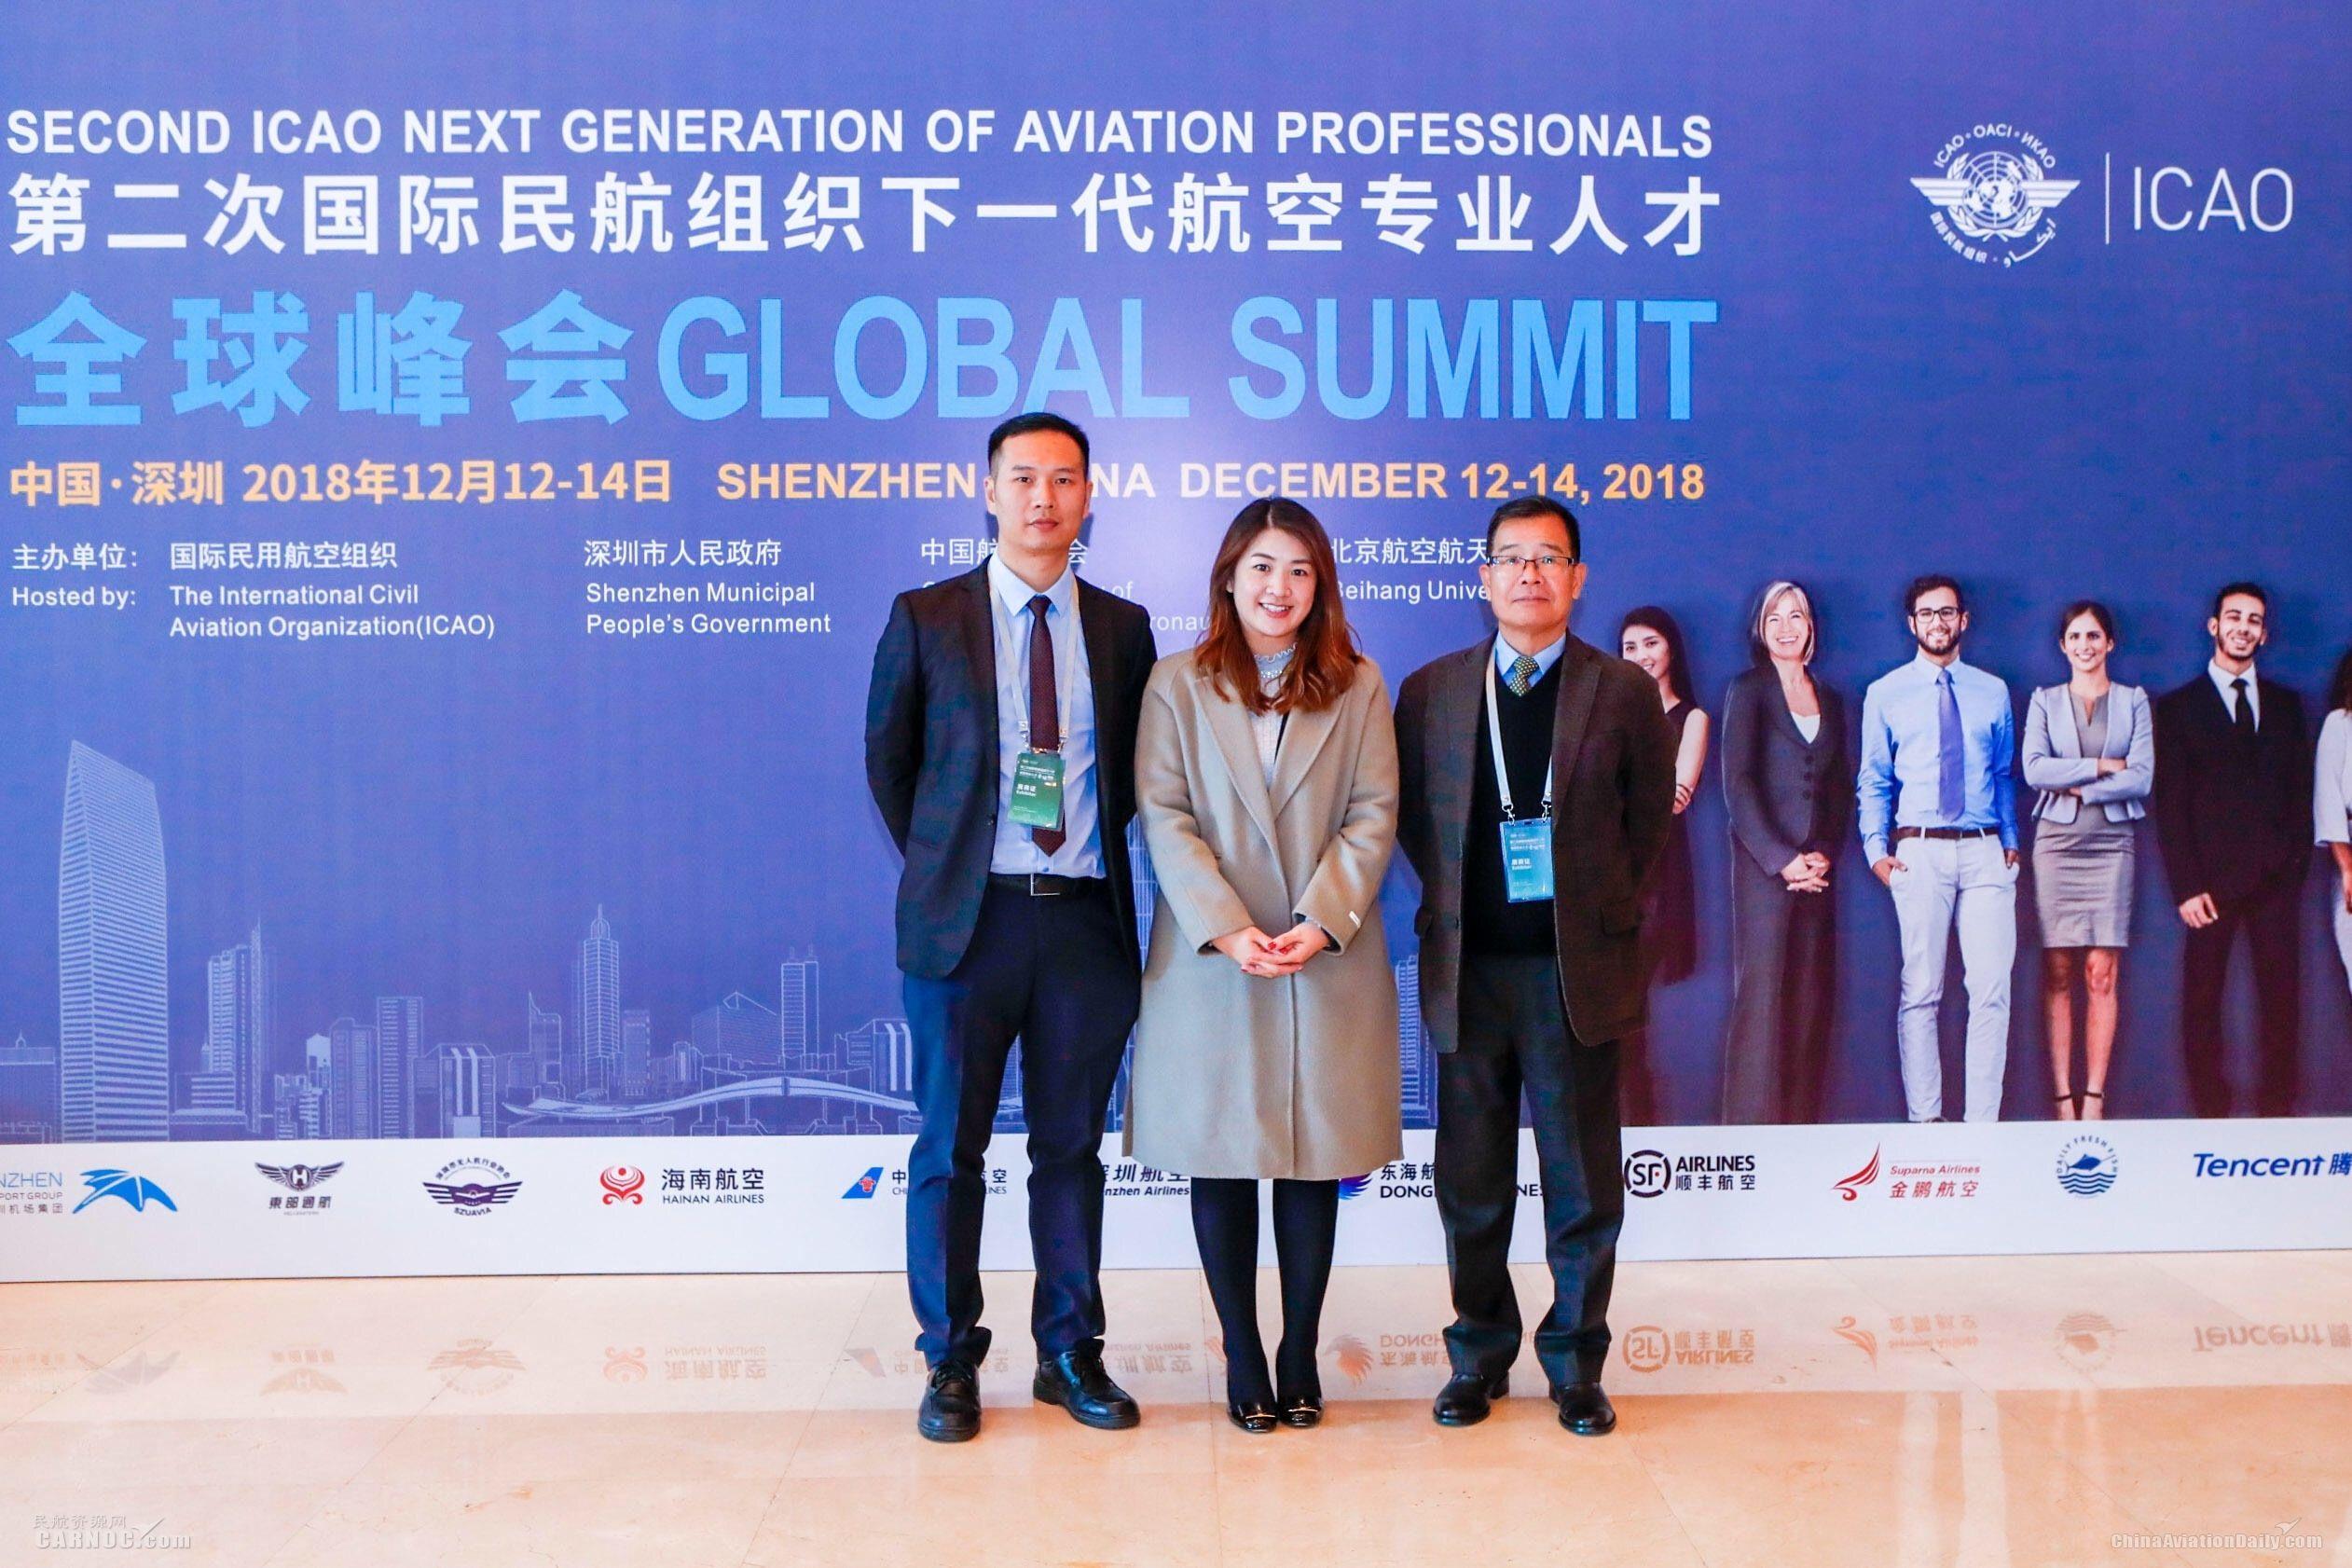 澳门机场代表参加下一代航空专业人才全球峰会